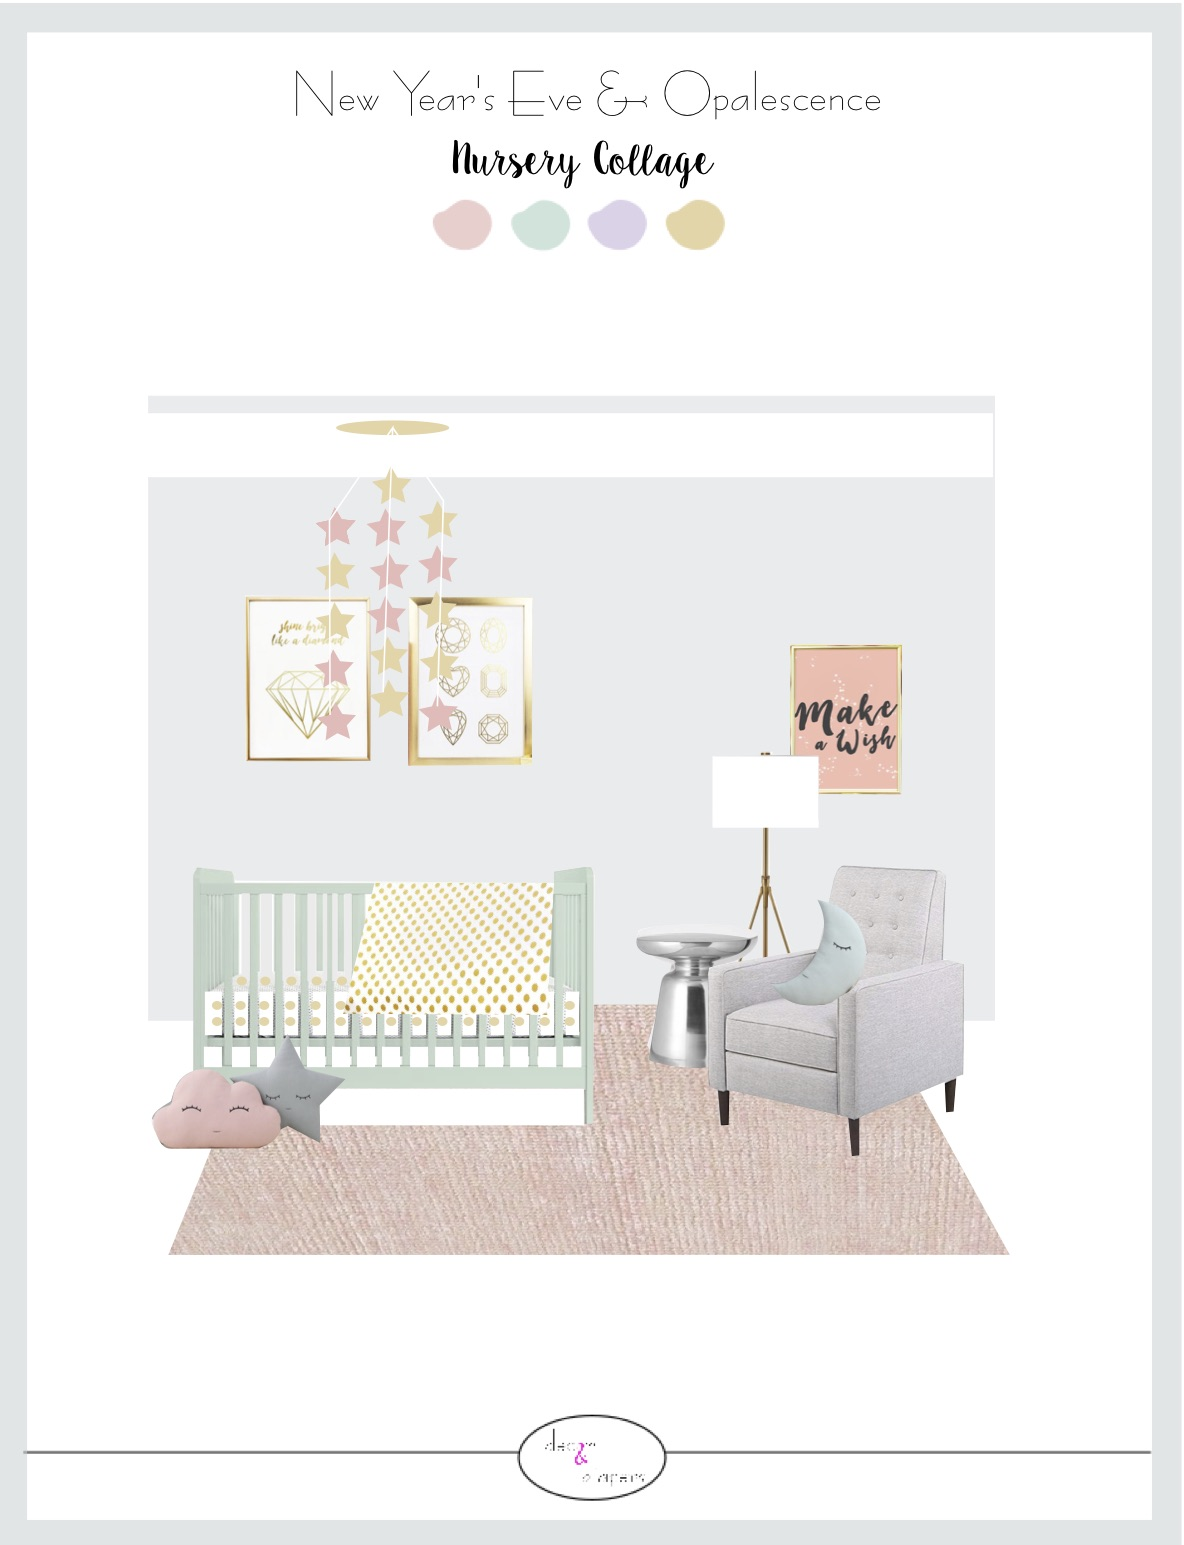 20181231 NYE Nursery- Collage.jpg